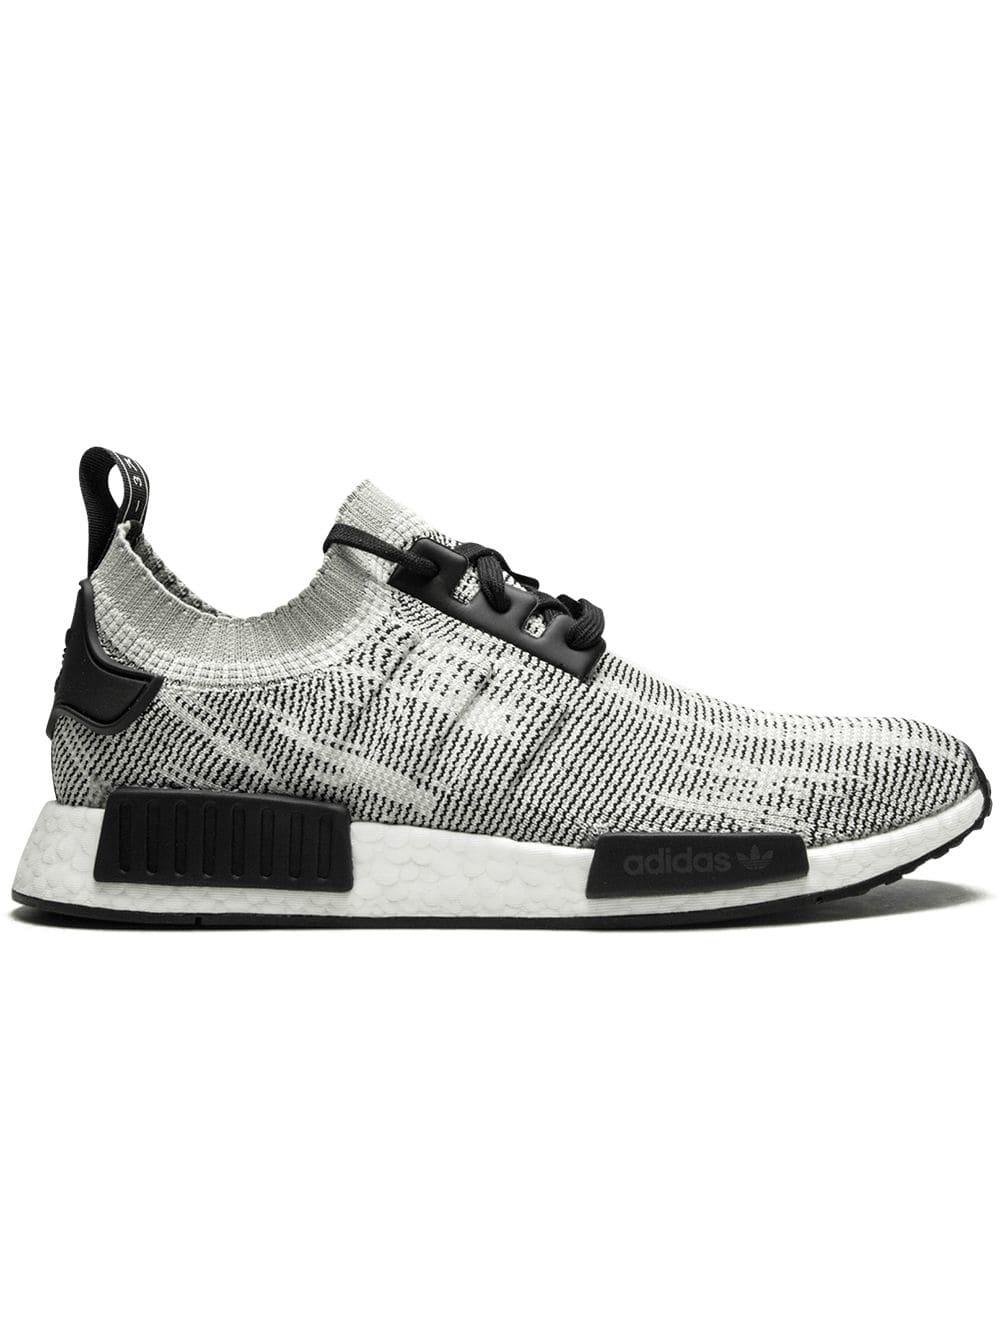 Adidas NMD R1 Primeknit Sneakers | Adidas nmd r1, Adidas nmd